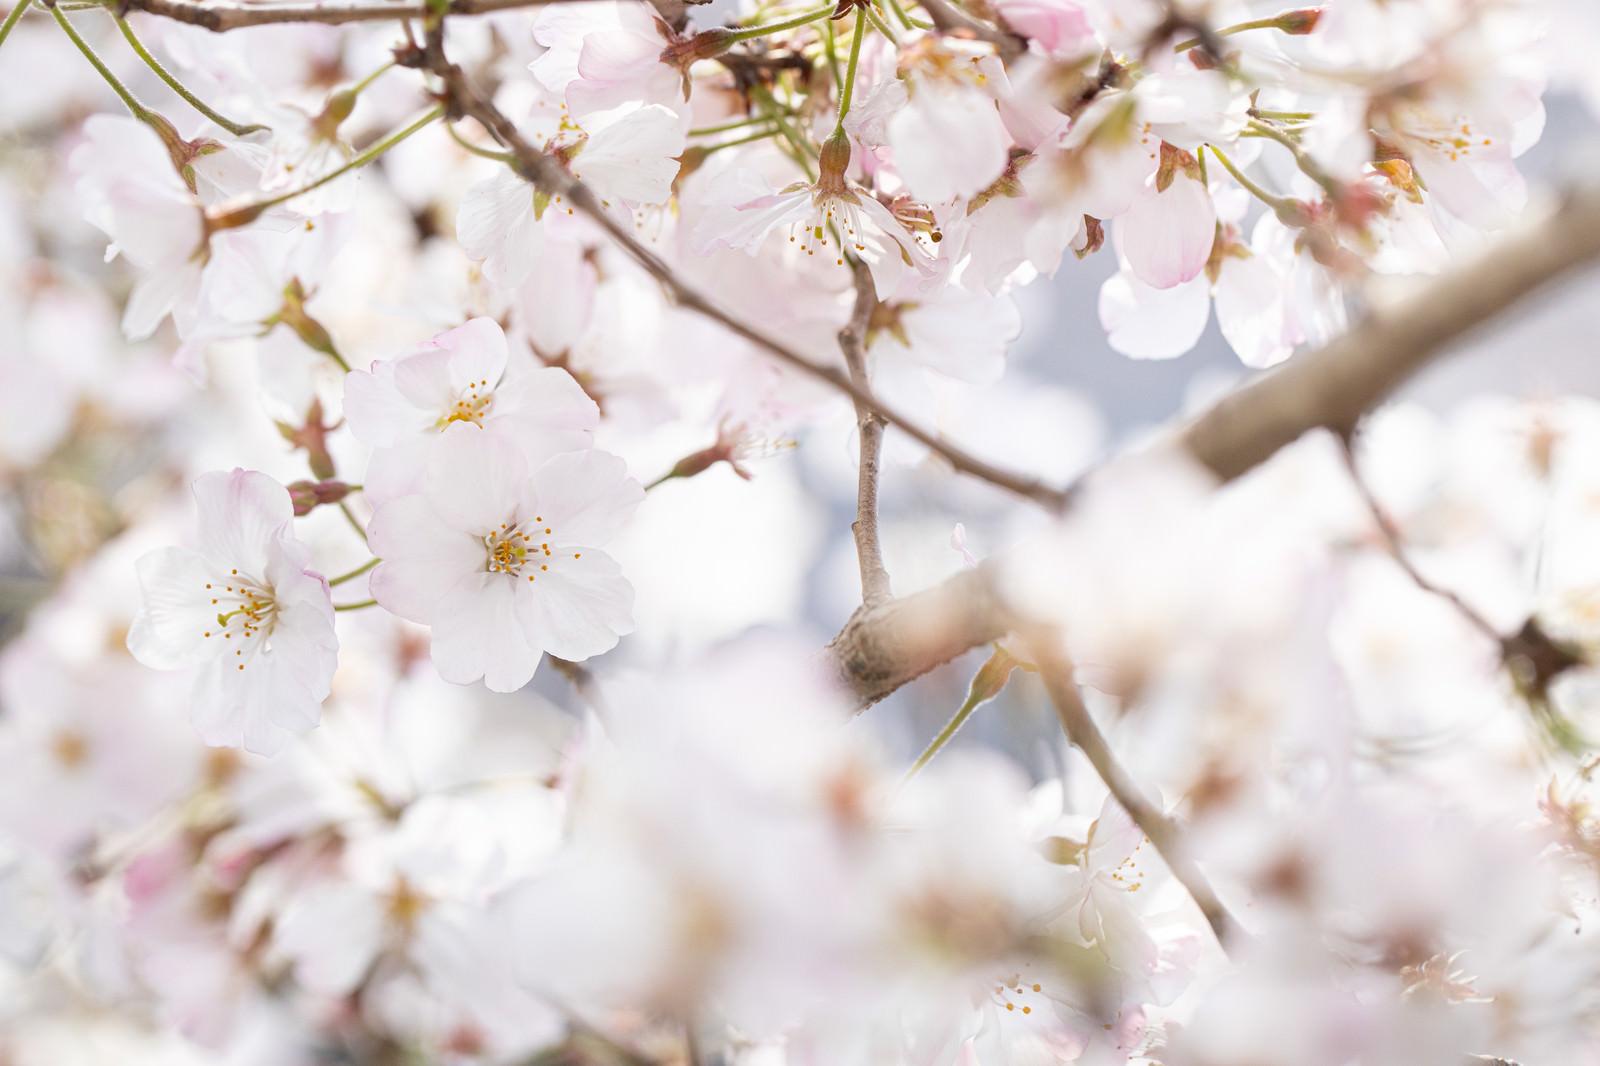 「桜の季節、春爛漫」の写真